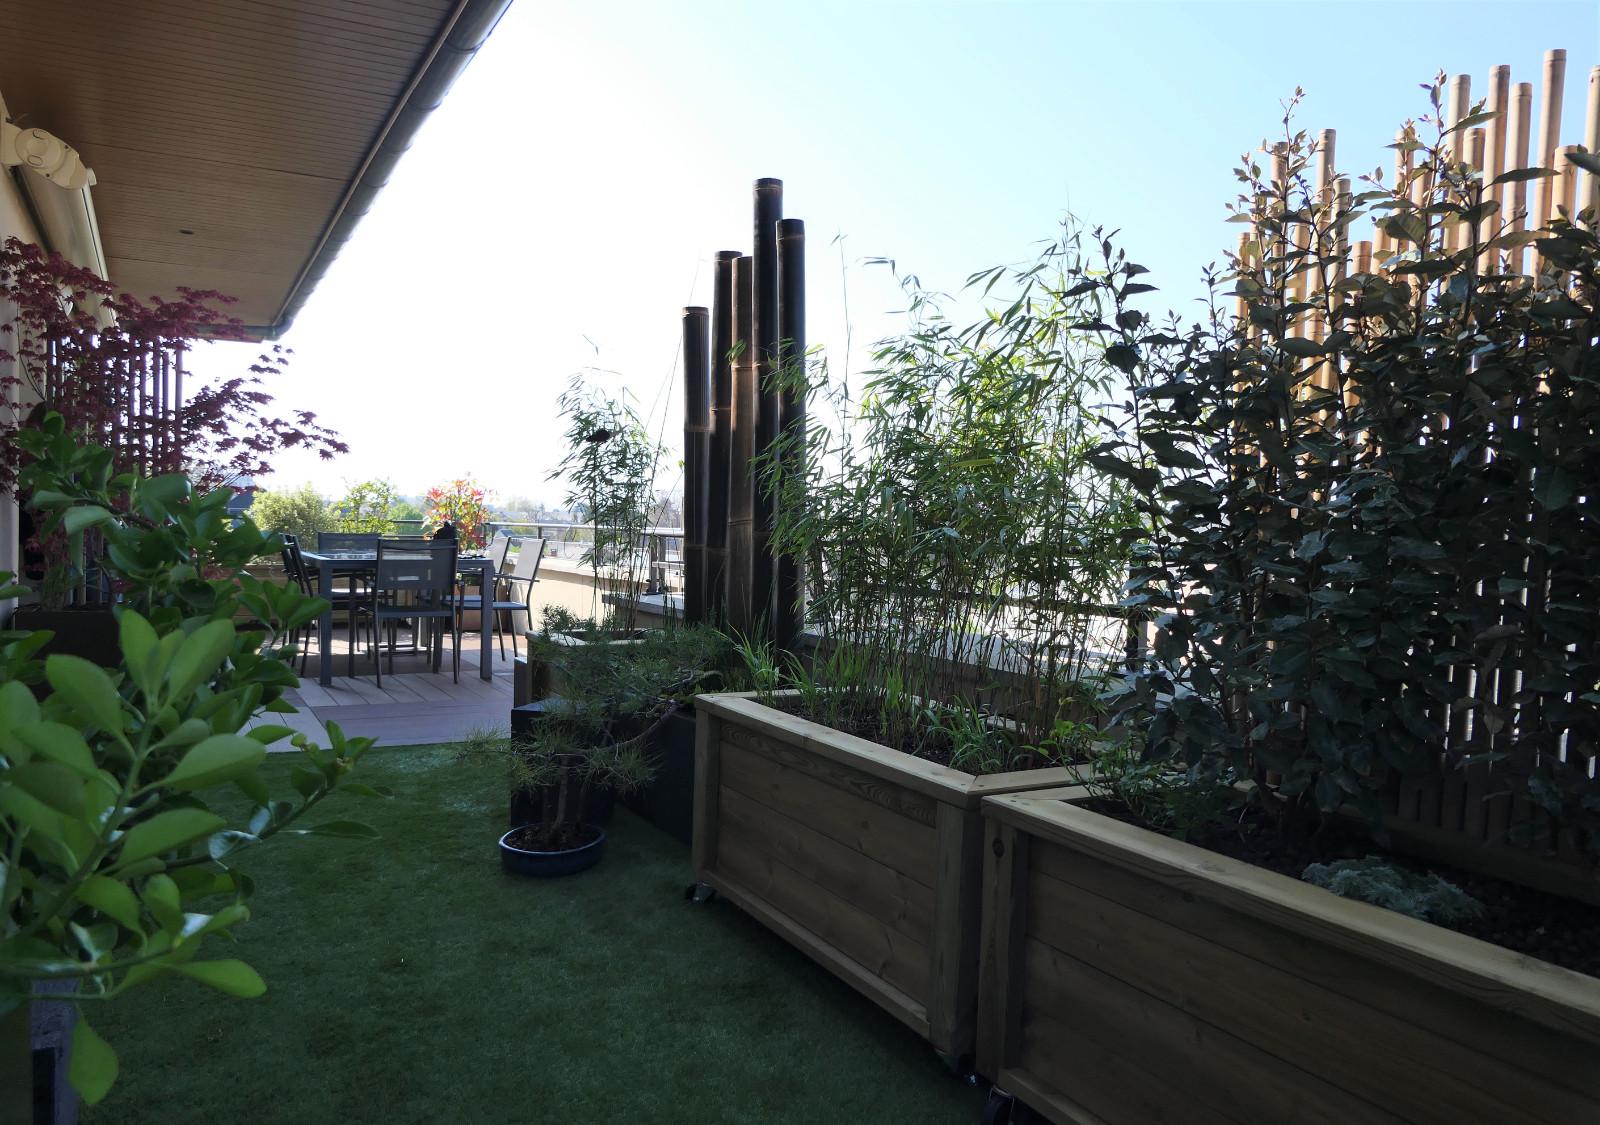 Aménagement terrasse_Avril 2021 [5/5] – Travaux réalisés